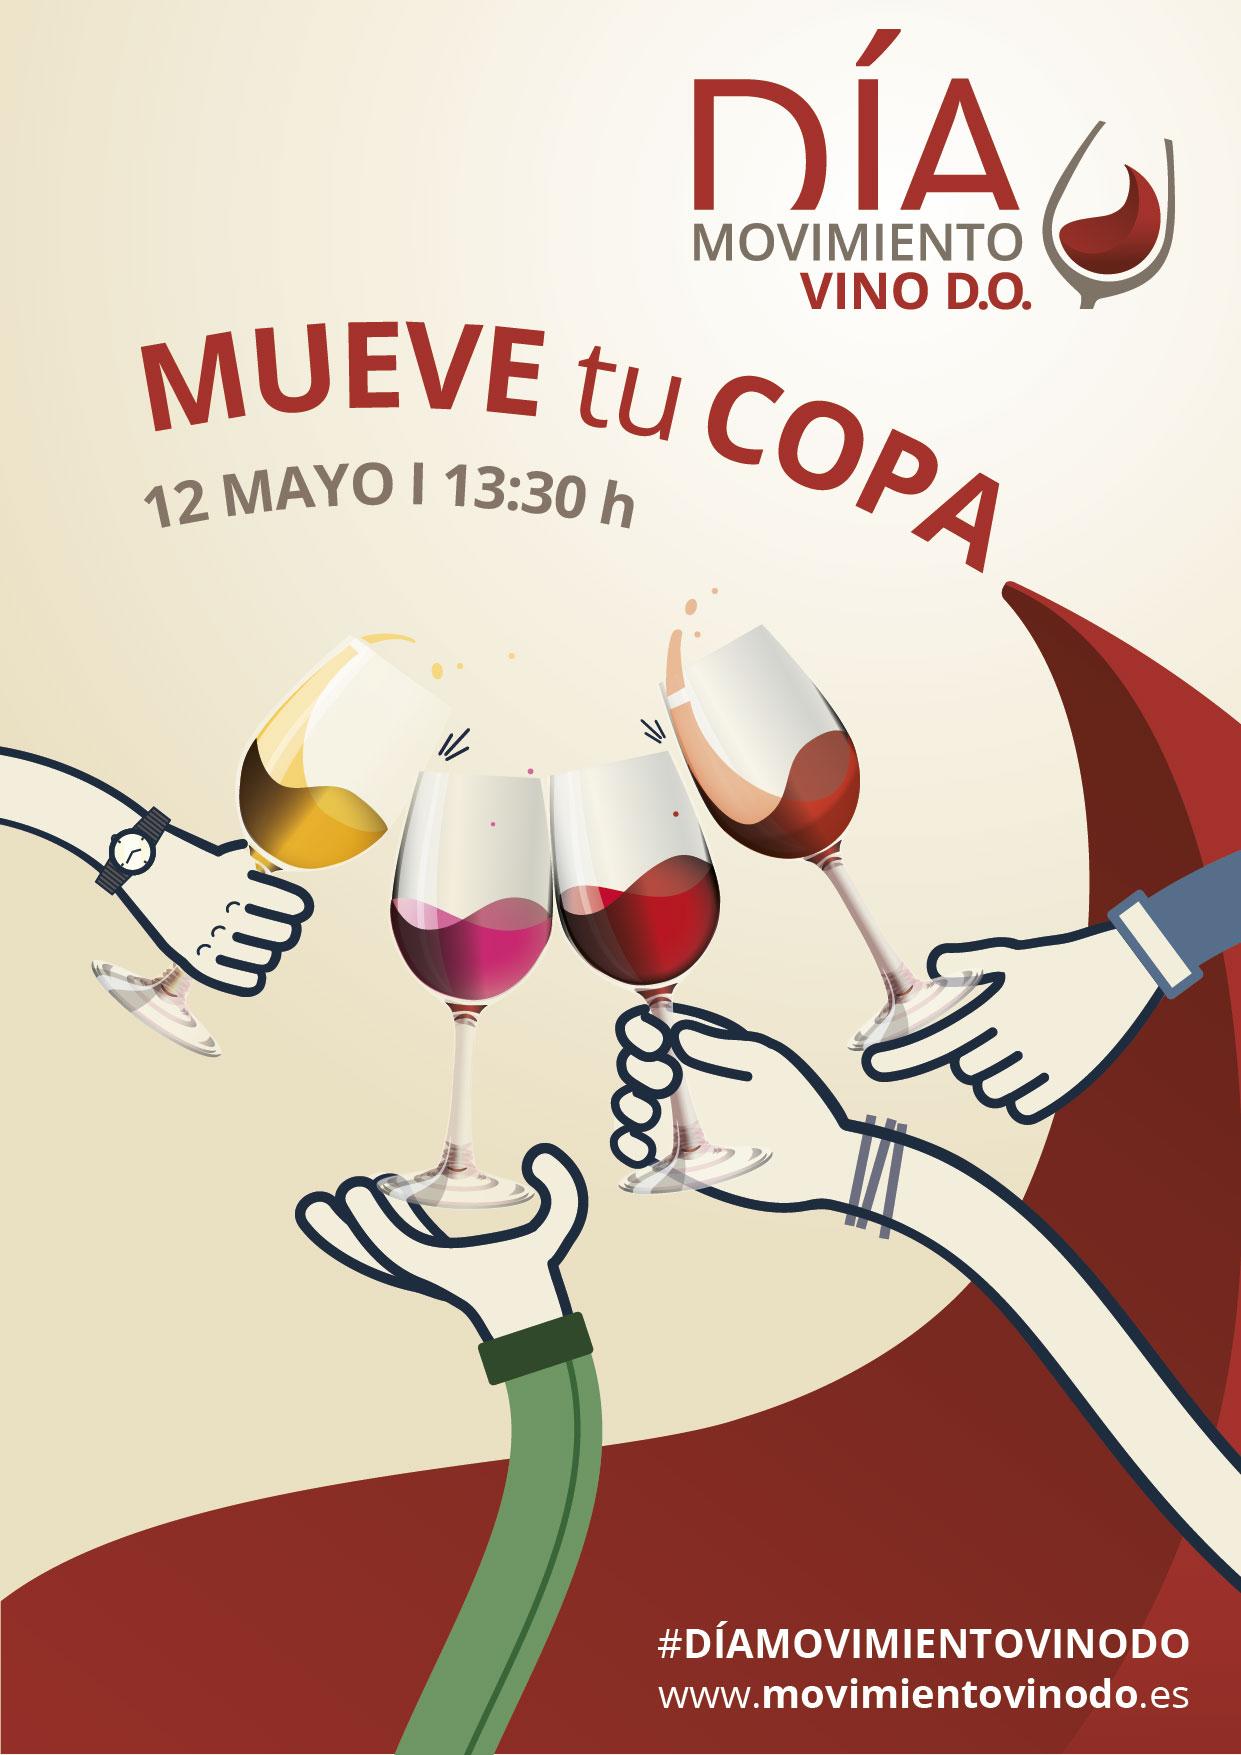 Cigales se une a los Jóvenes por el Vino para brindar en el Día Movimiento Vino DO